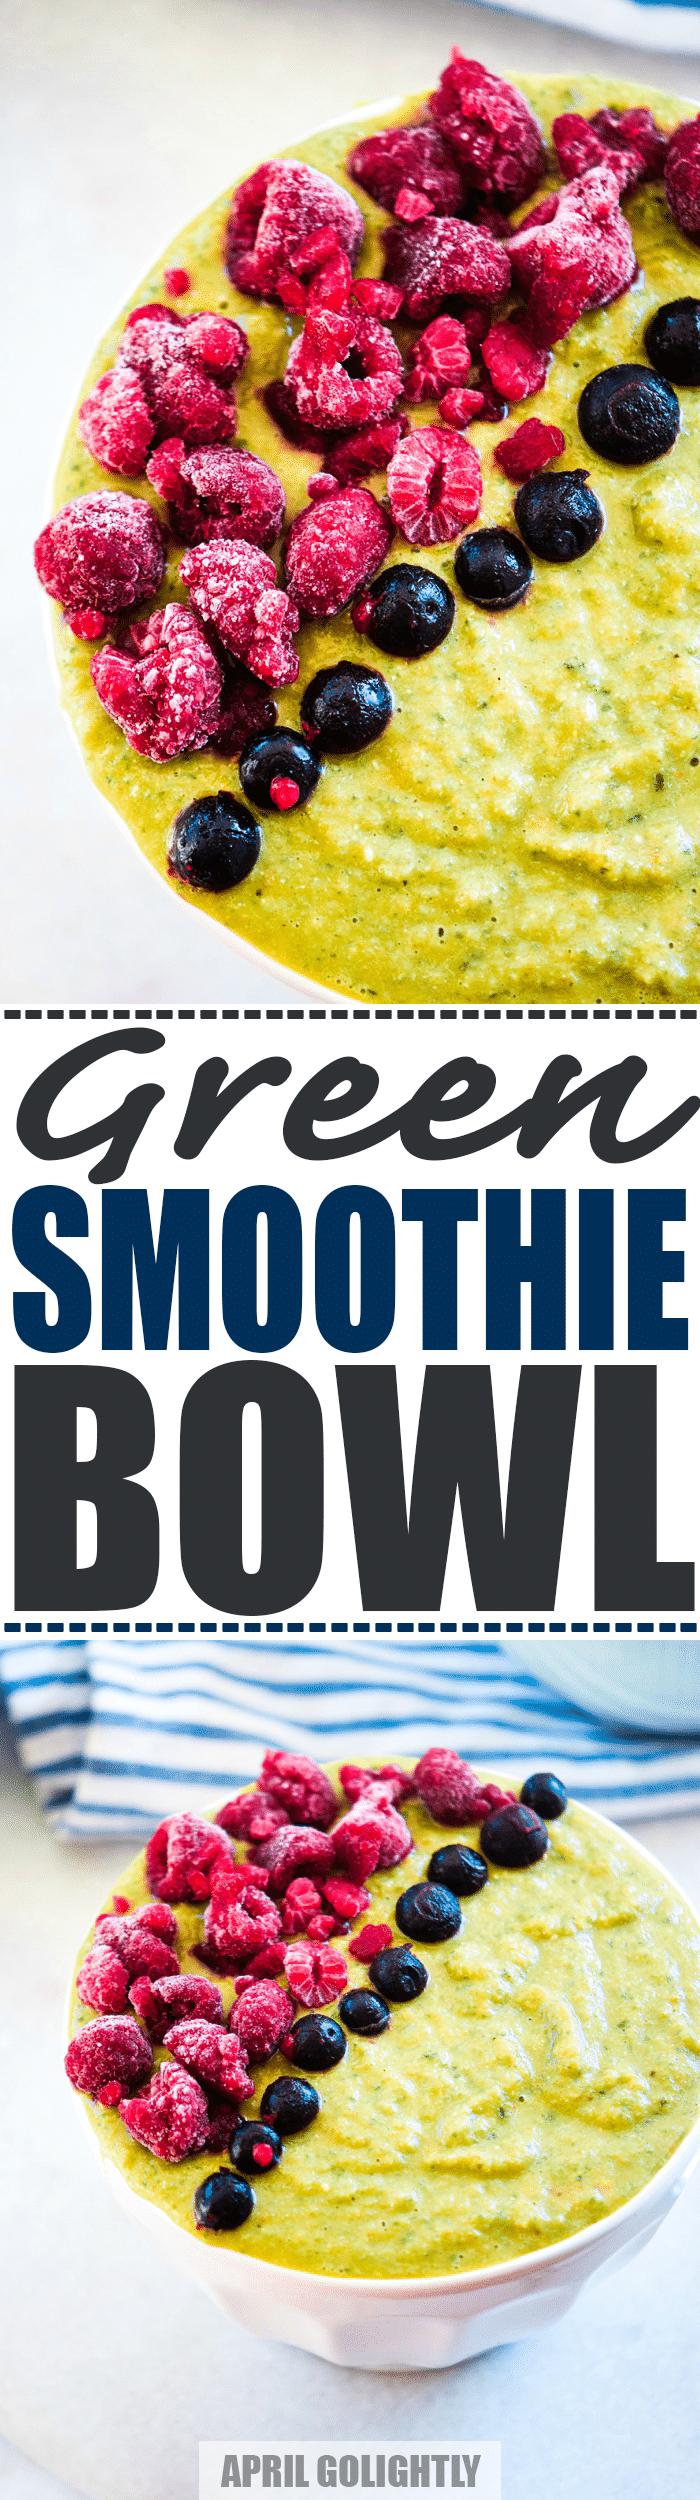 big-green-smoothie-bowl